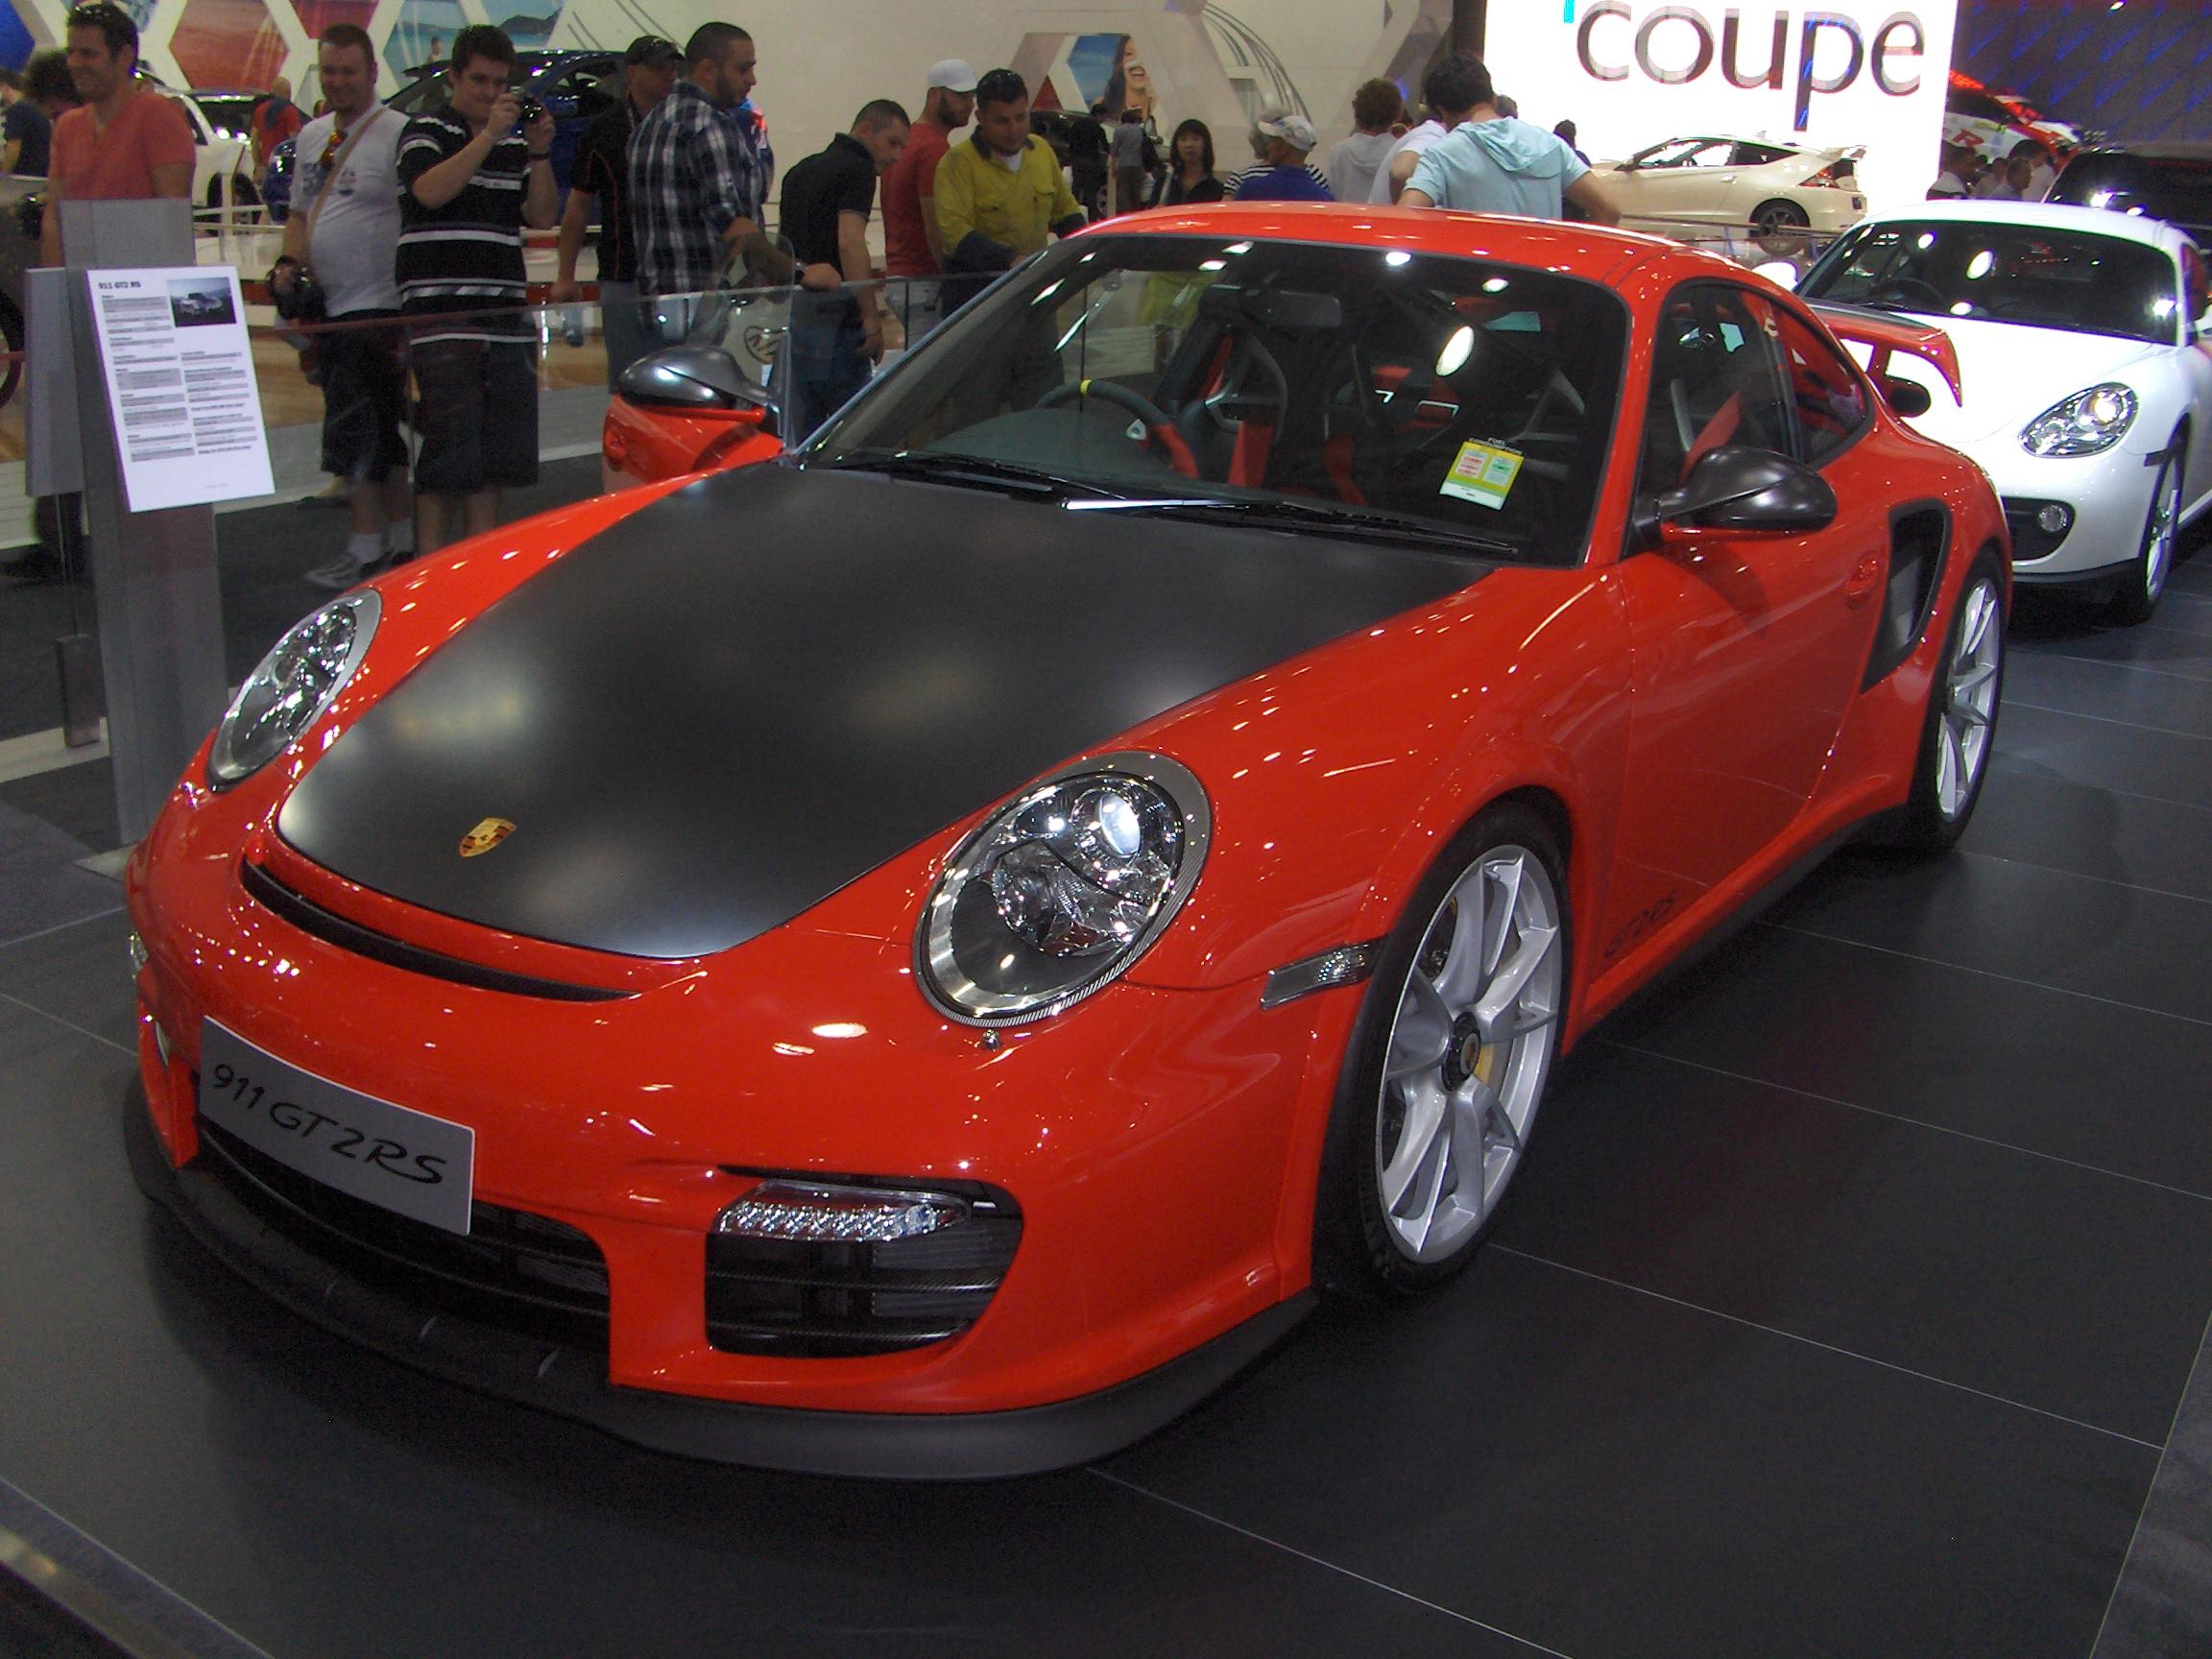 Porsche_911_gts_rs_-_AIMS Stunning 2008 Porsche 911 Gt2 Horsepower Cars Trend